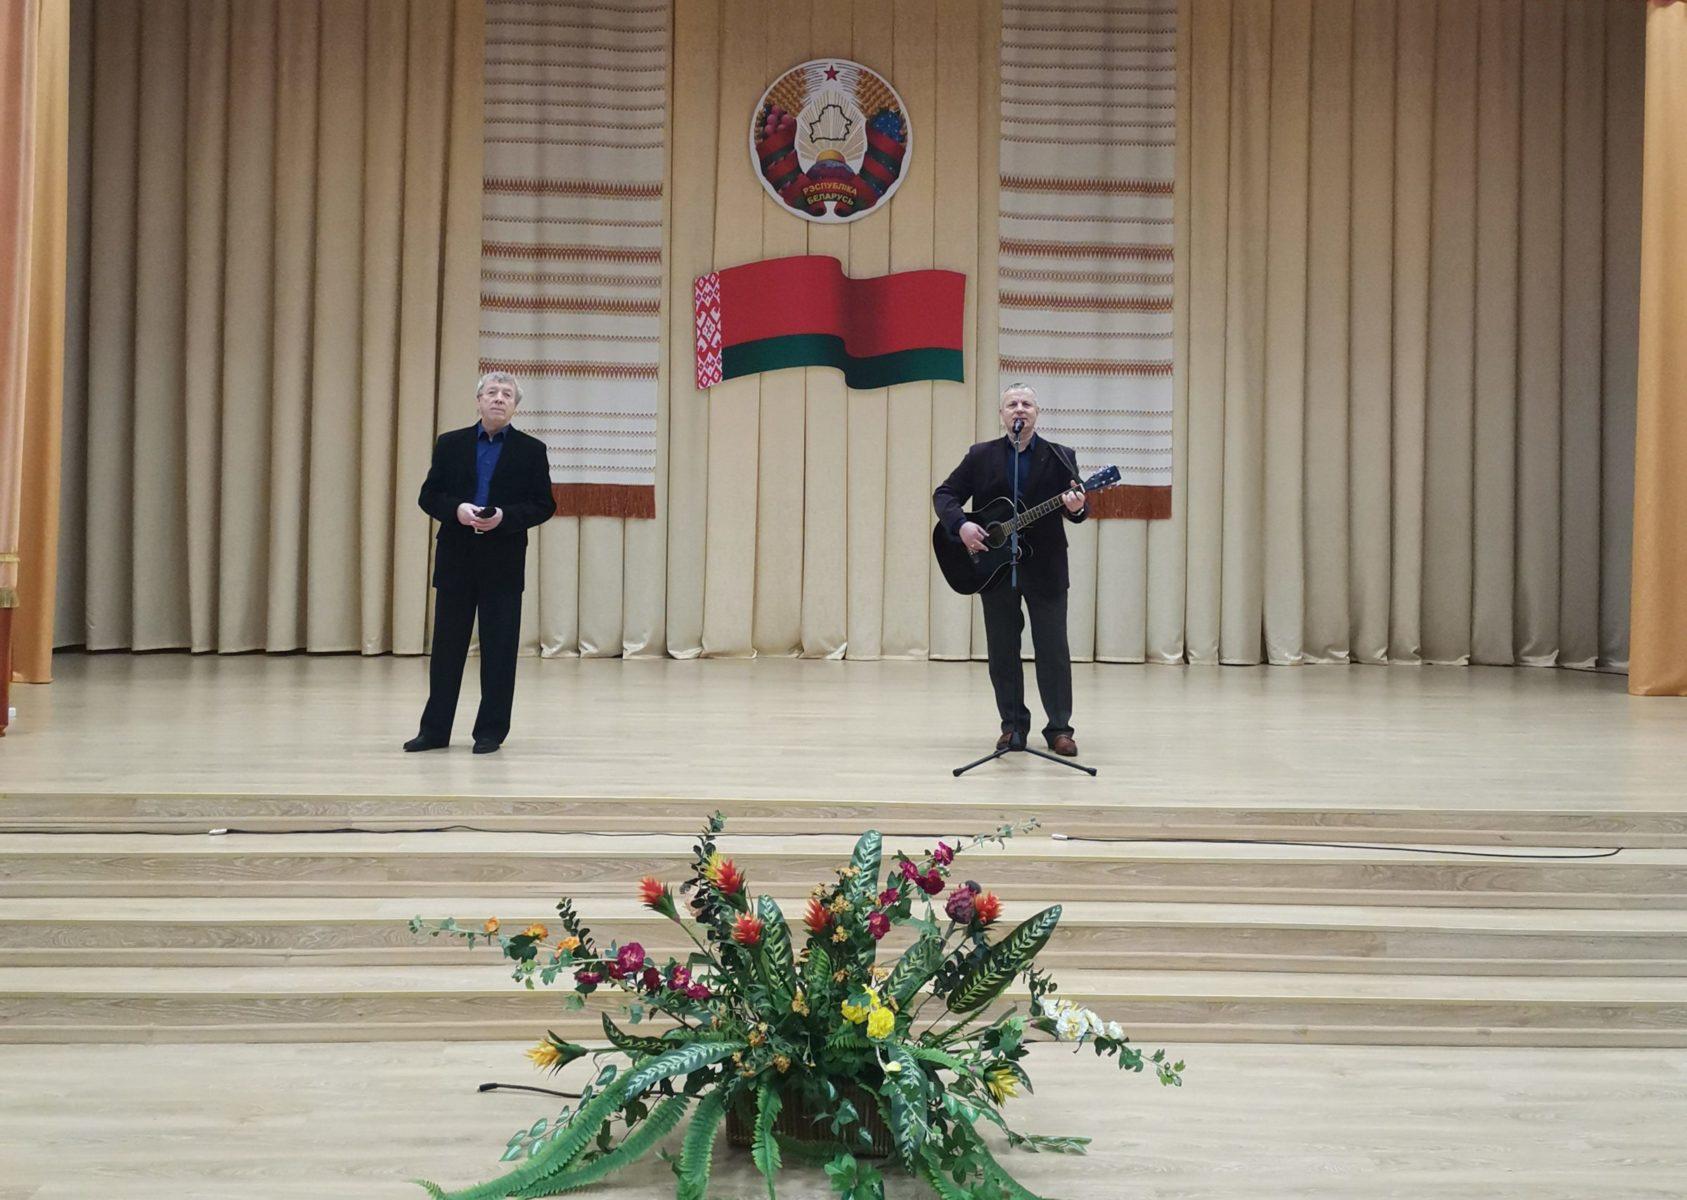 Ветераны милиции поздравляют коллег песней. Фото: Барановичий ГОВД